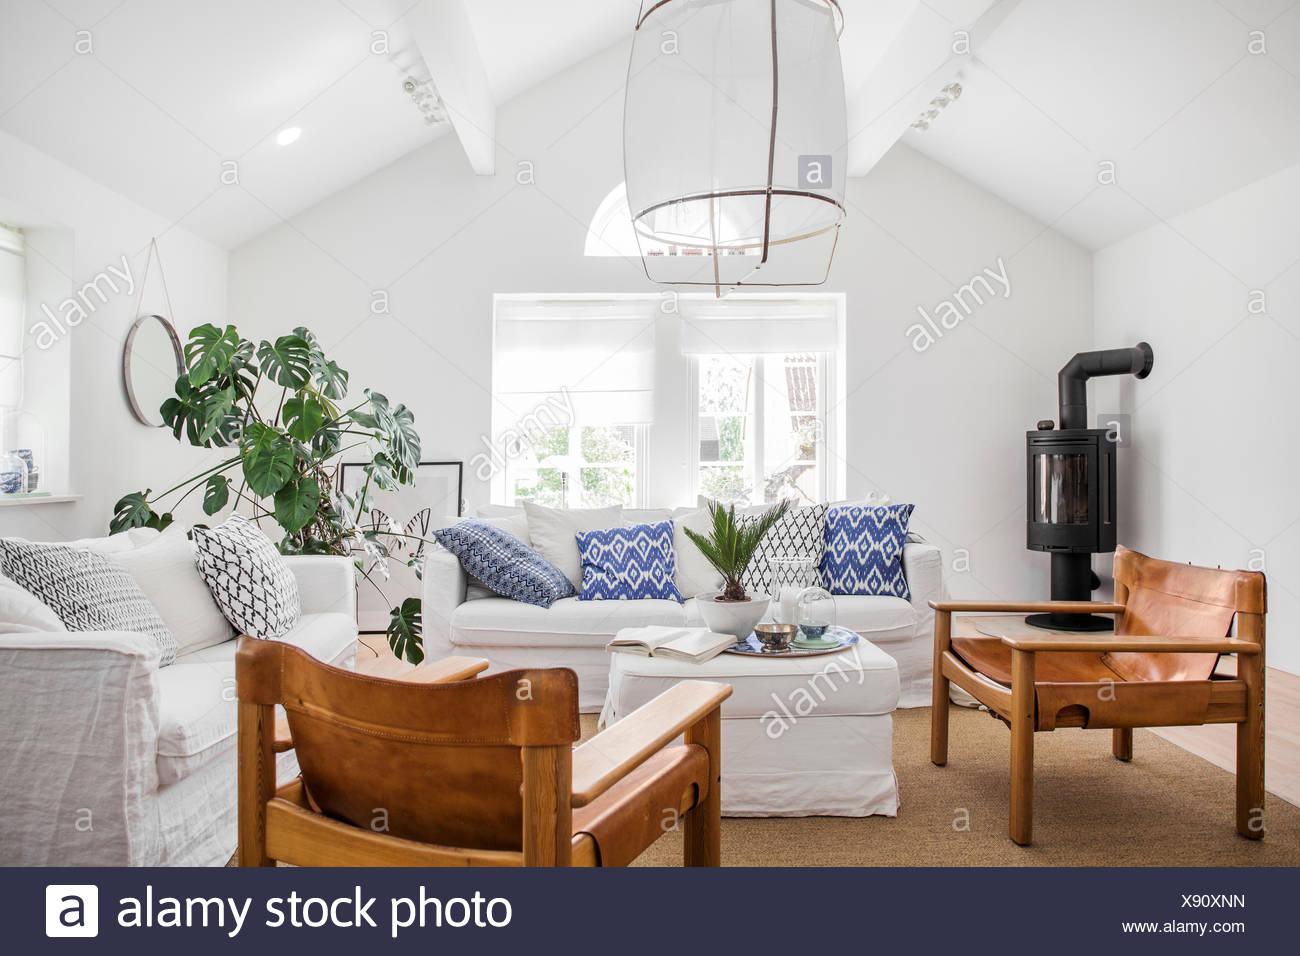 schweden wohnzimmer mit wei en sofas und st hle aus holz stockfoto bild 280918785 alamy. Black Bedroom Furniture Sets. Home Design Ideas